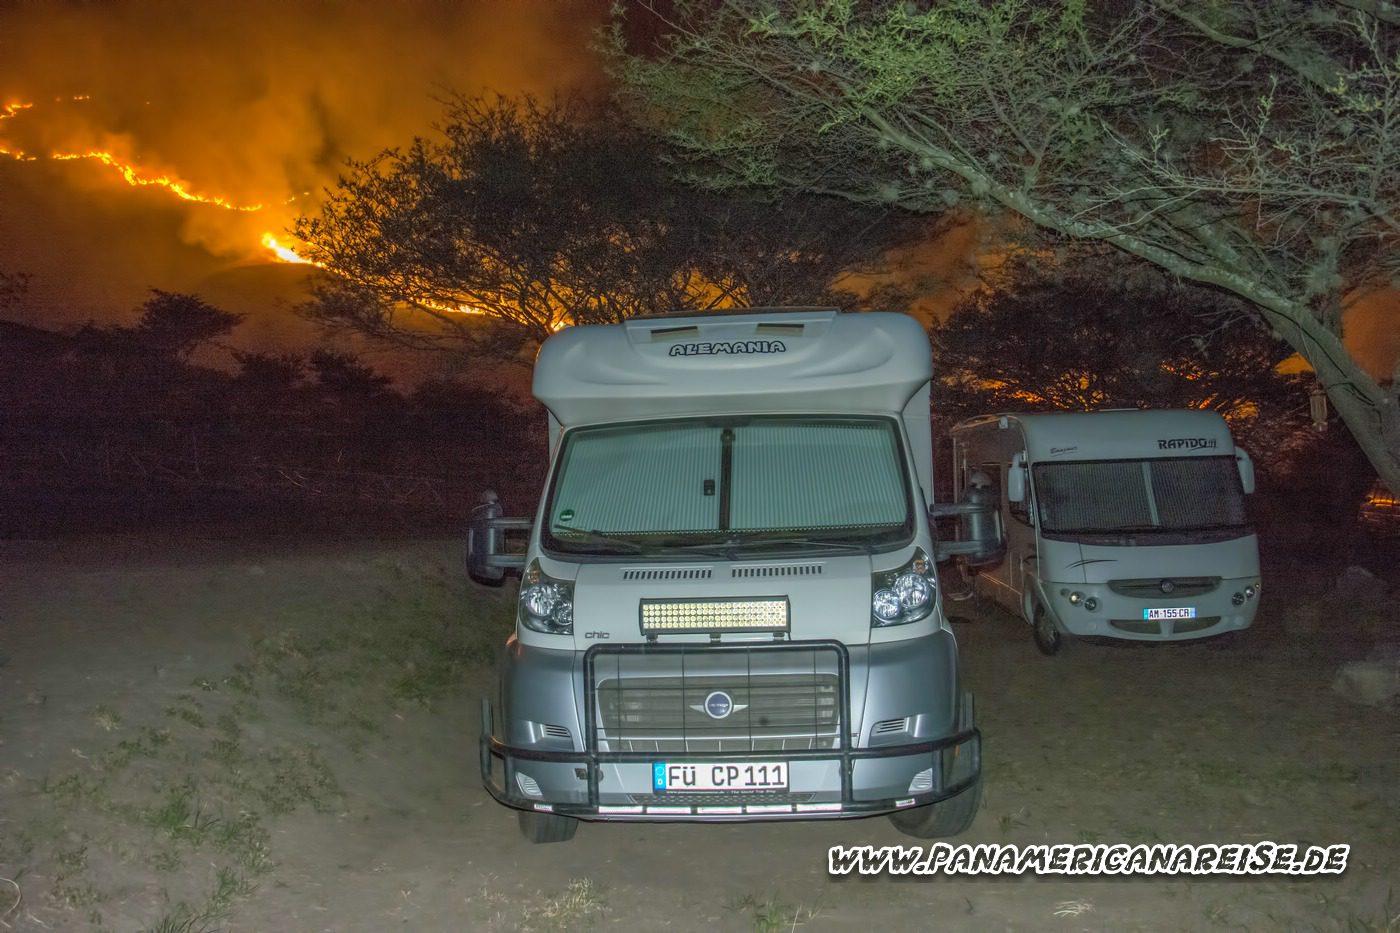 Waldbrand in der Nacht Ecuador Finca Sommerwind Waldbrand